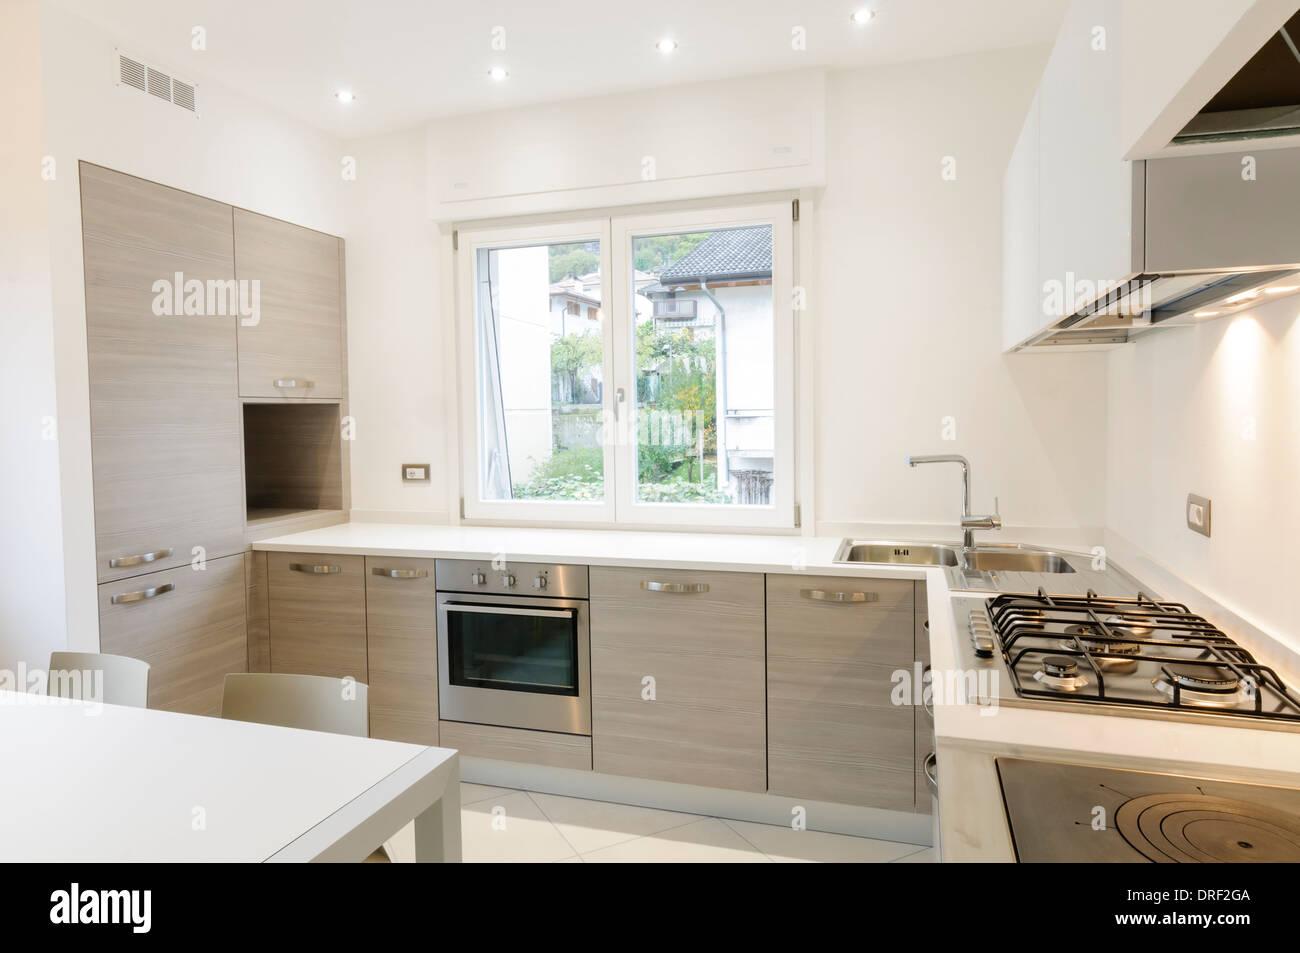 Cucina moderna con interni armadi in legno e il bianco da tavola Immagini Stock